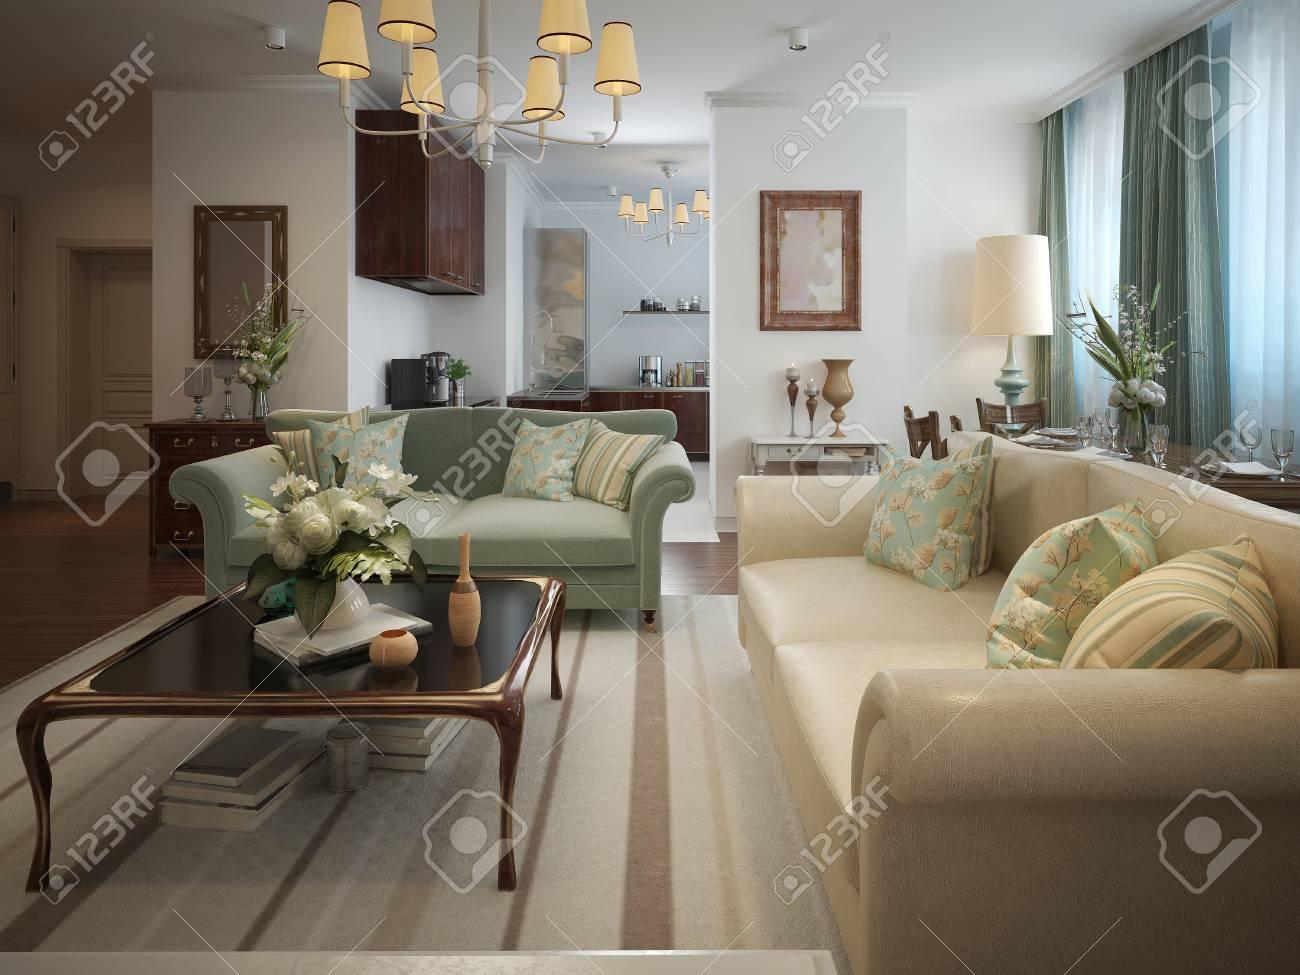 Wohnzimmer Im Neoklassizistischen Stil Mit Warmen Farben. In Beige ...